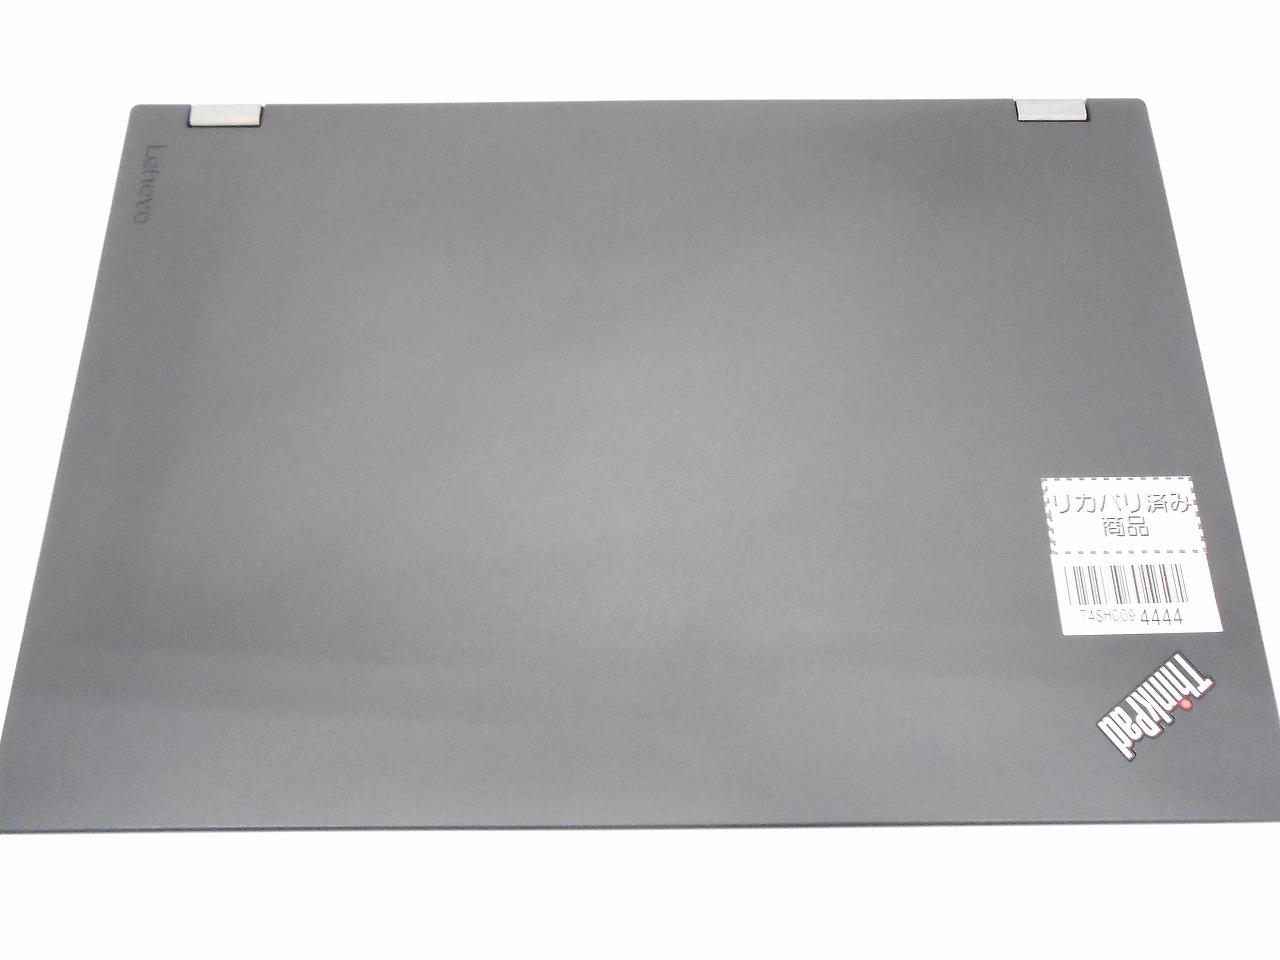 【決算セール】【テレワーク応援】【WPSOffice付】【中古】Lenovo ThinkPad L570/2017年モデル/Corei5 7200U 2.5GHz/メモリ8GB/HDD500GB/15インチ/Windows10Pro【3ヶ月保証】【足立店発送】